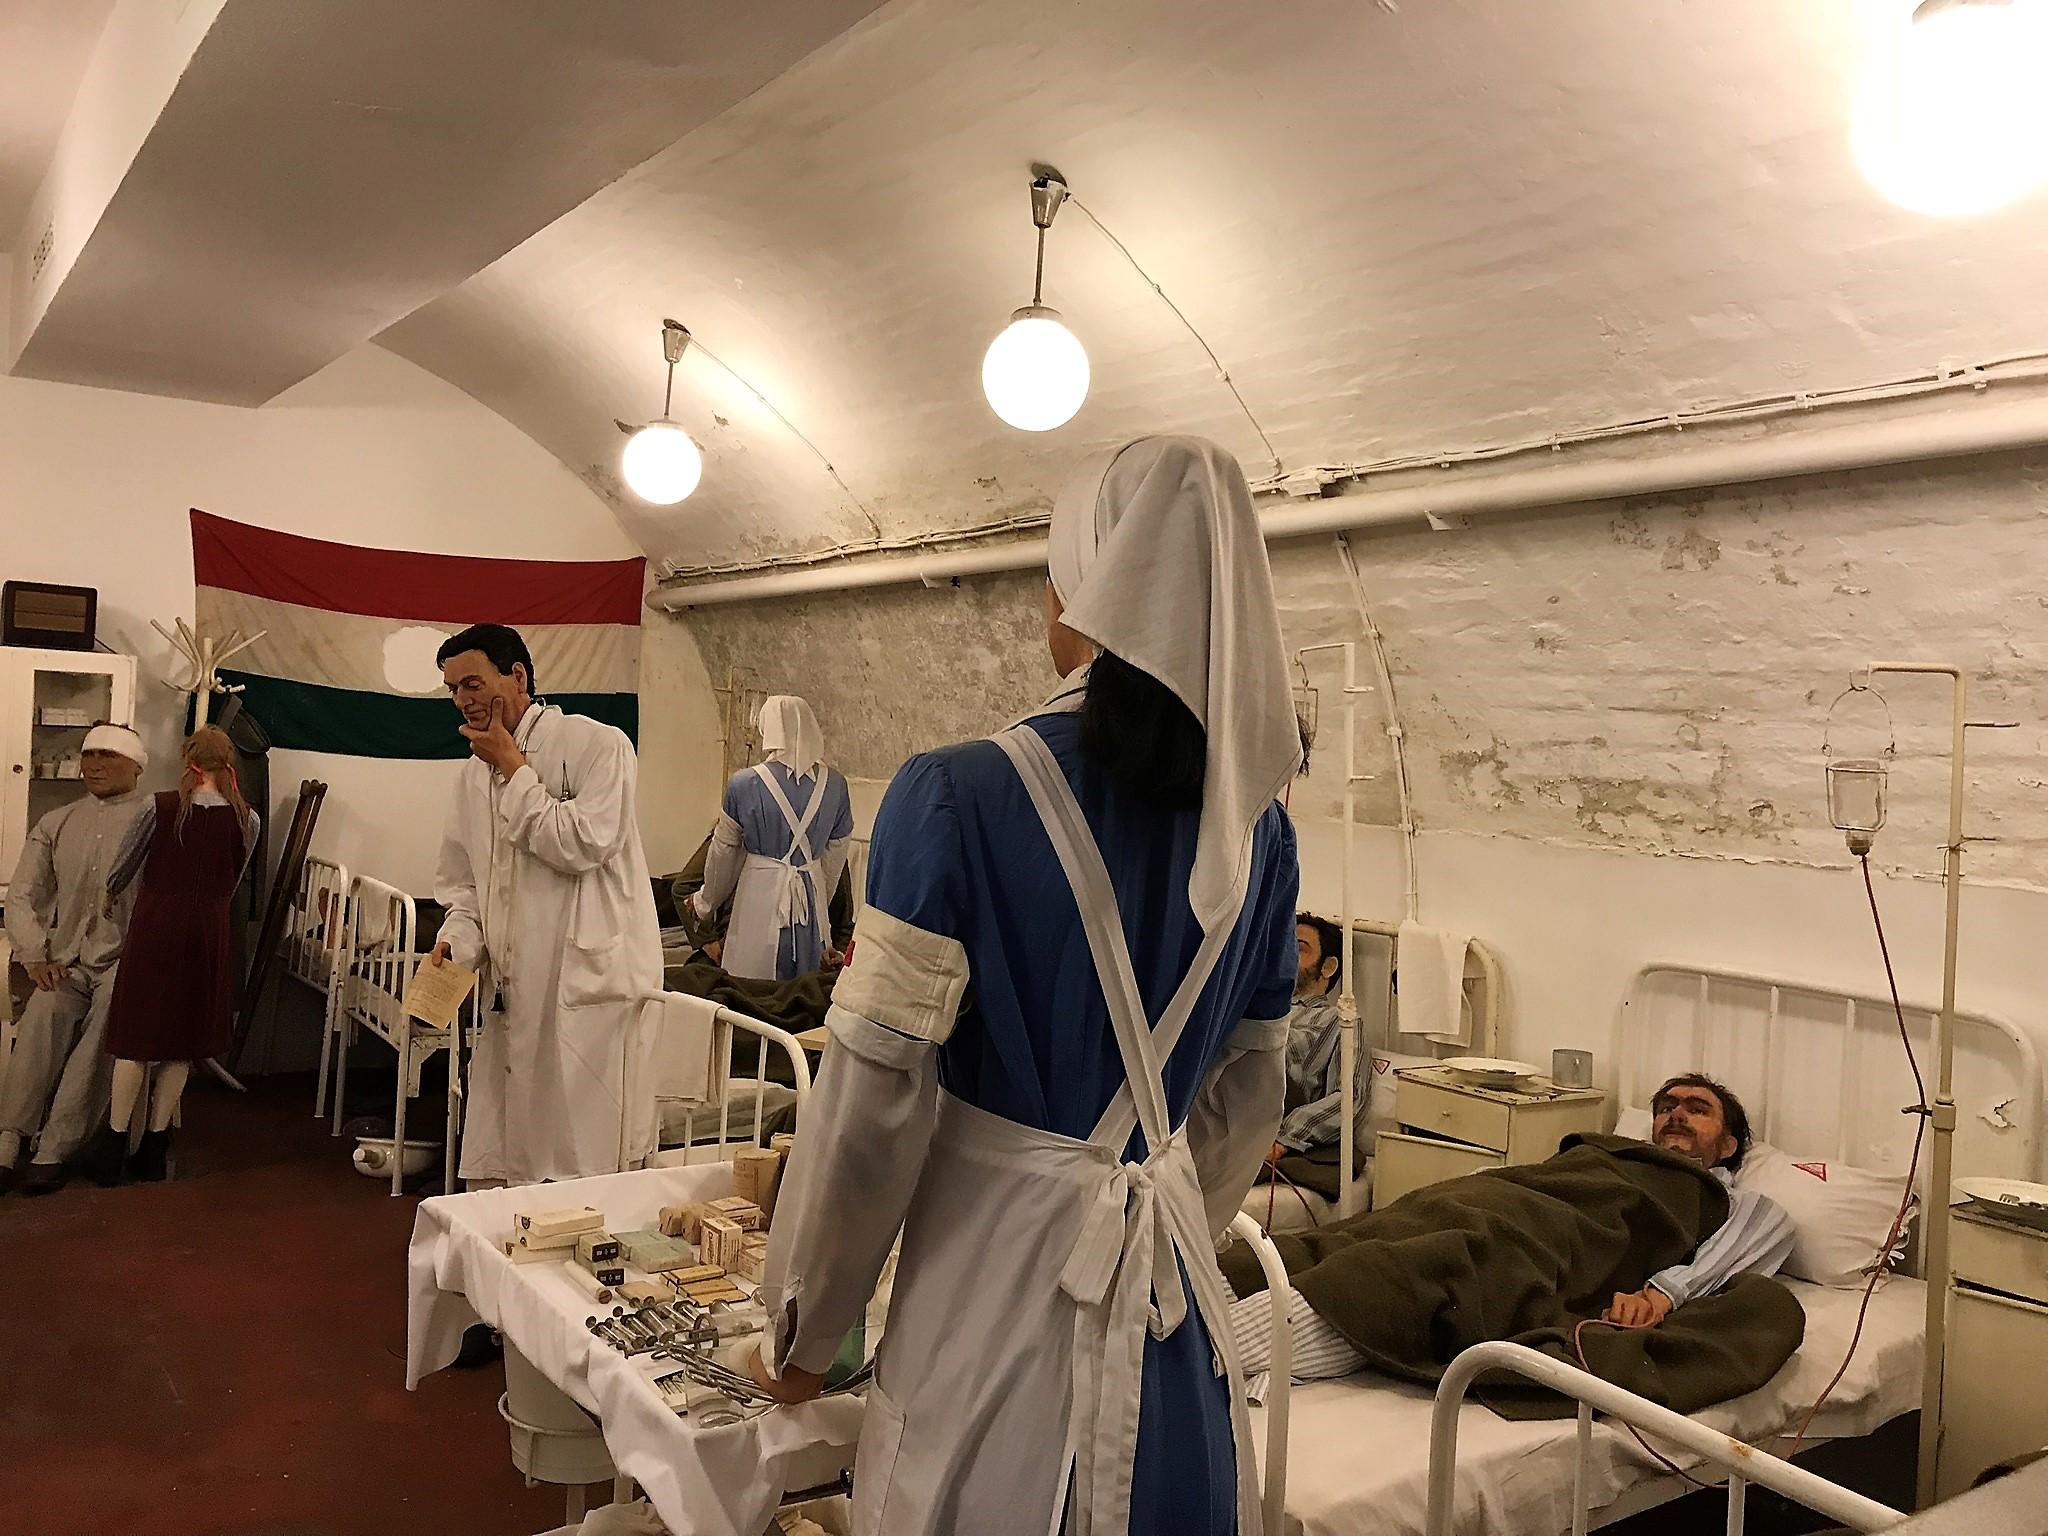 Kezdetben három kórteremmel működött a kórház: egy a nőknek, egy a katonáknak és egy a civileknek. Az 1956-os forradalom idején a kórtermek száma hatra bővült.